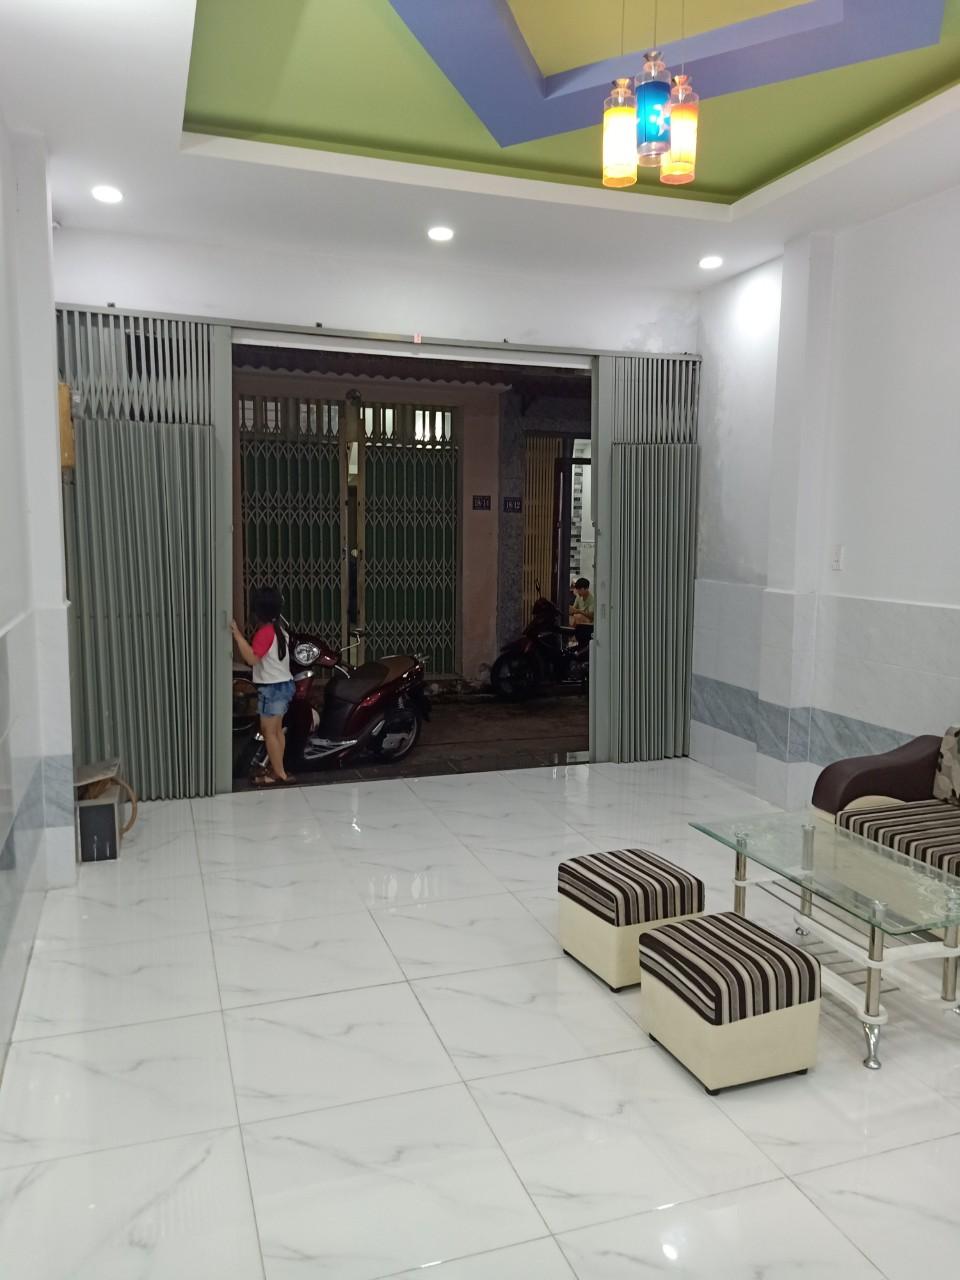 Bán nhà quận Bình Tân 2020 gần chợ Bình Long giáp ranh quận Tân Phú